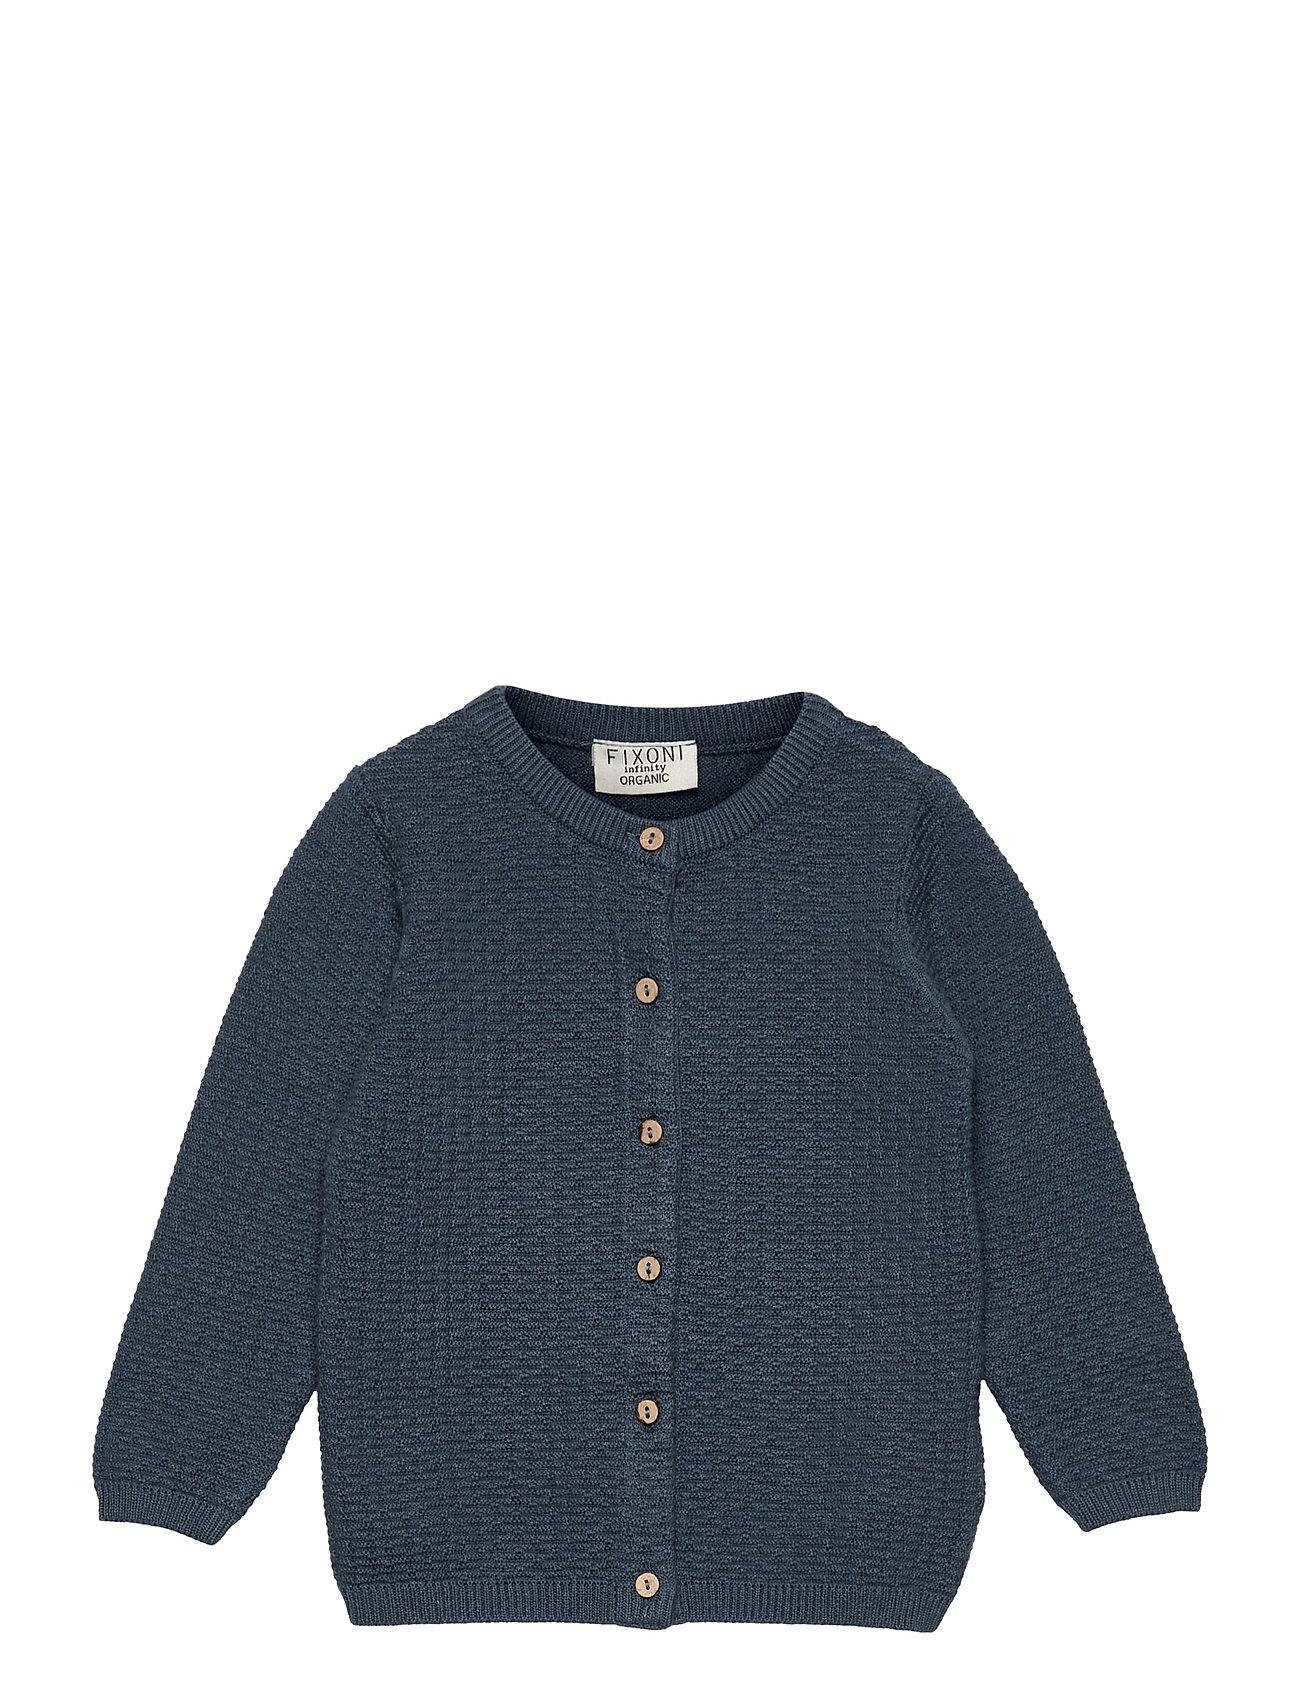 Knitted Cardigan Strikket Trøje Cardigan Blå Fixoni